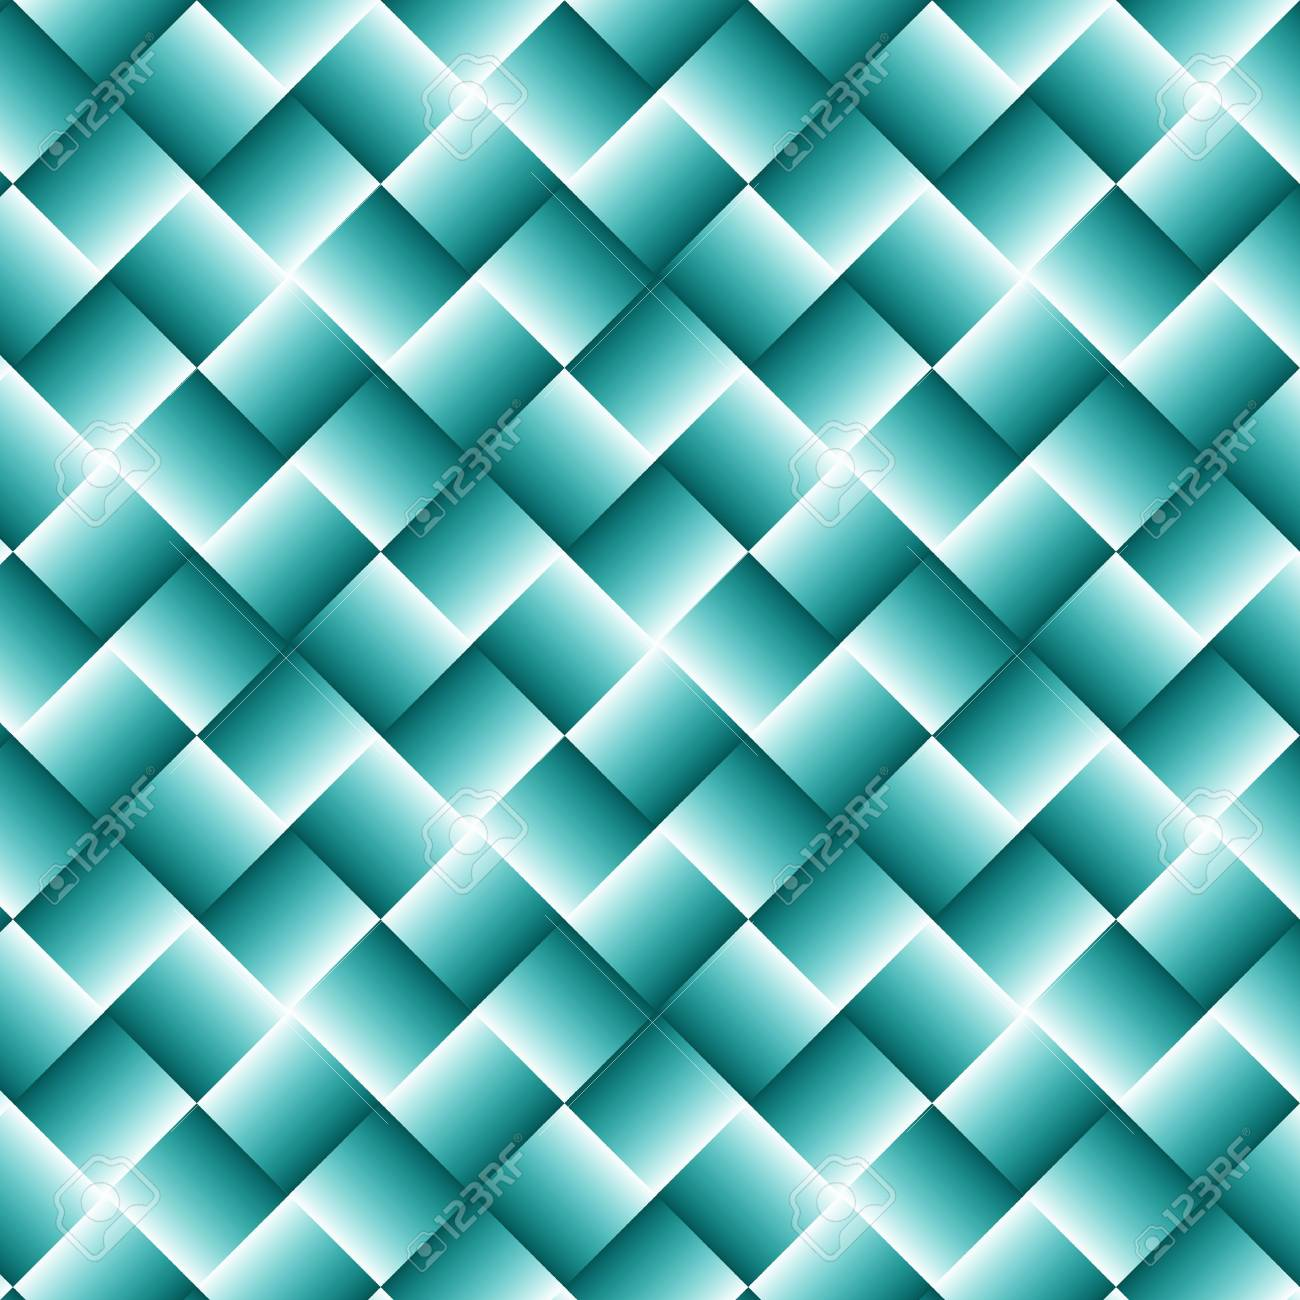 正方形の抽象的な壁紙と水色の幾何学的な背景のイラスト素材 ベクタ